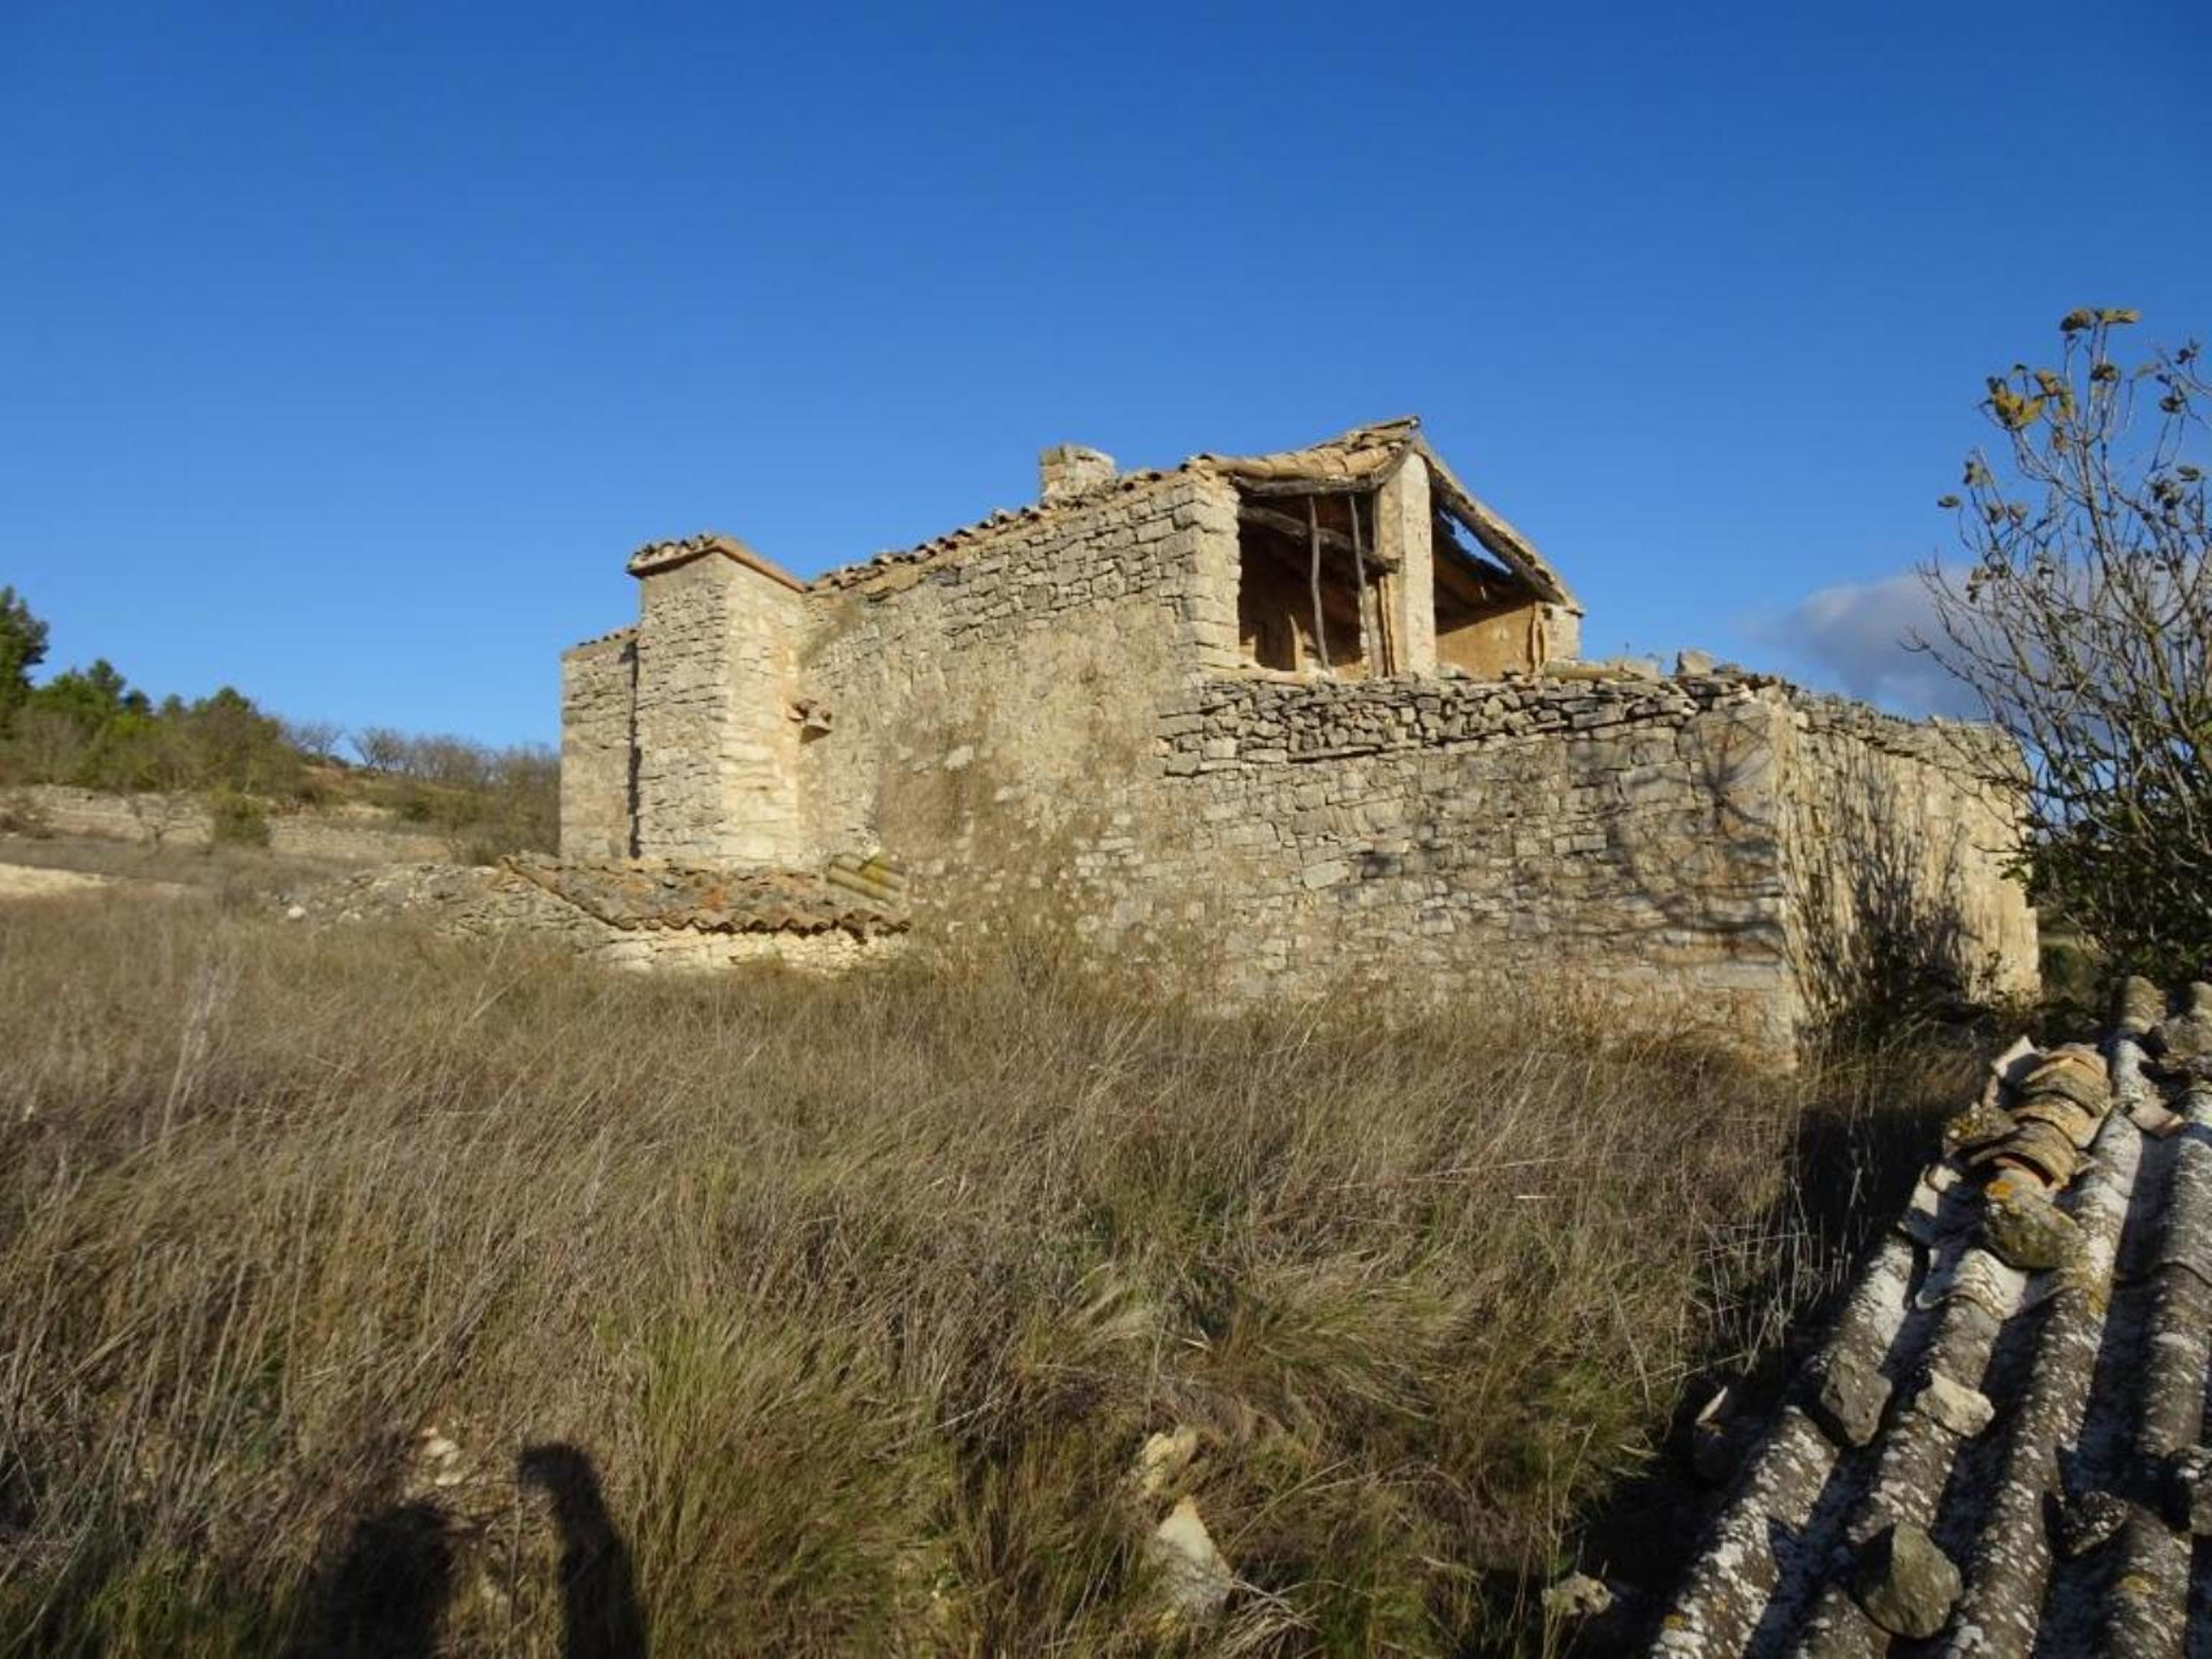 LA FATARELLA, ,Masia amb corral,Rústica,LA FATARELLA,1259